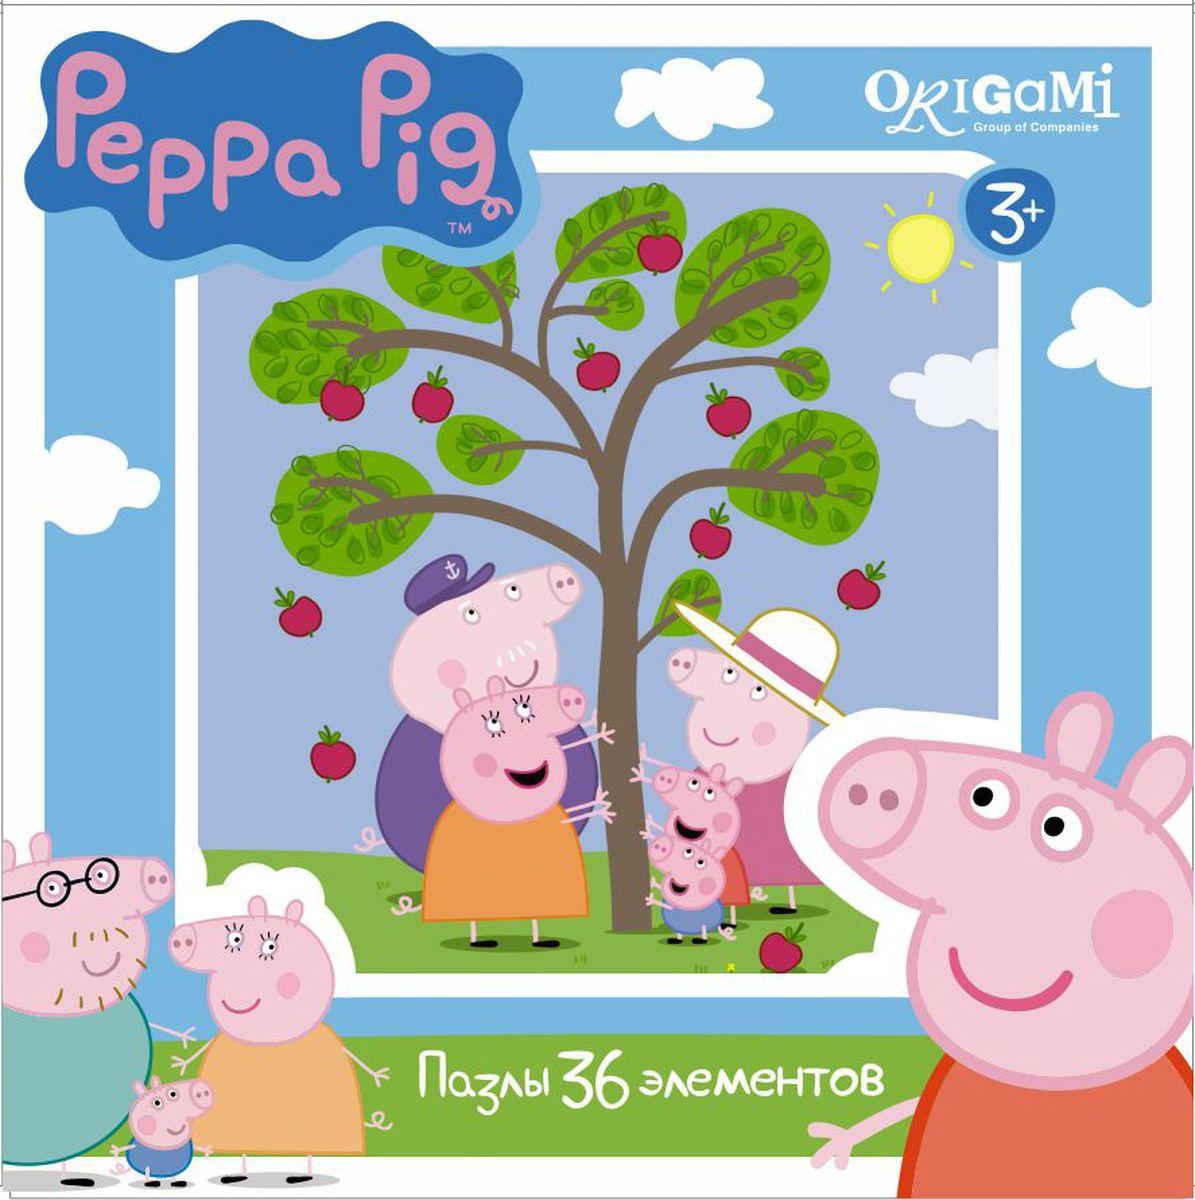 Оригами Пазл Peppa Pig 36A 0155001550Пазл Peppa Pig на 36 деталей. Пазл за пазлом ребёнок будет узнавать о весёлых приключениях Свинки Пеппы. Составление пазла станет развивающим досугом для малыша, т.к. тренирует пространственное мышление, моторику рук, а так же подарит хорошее настроение.